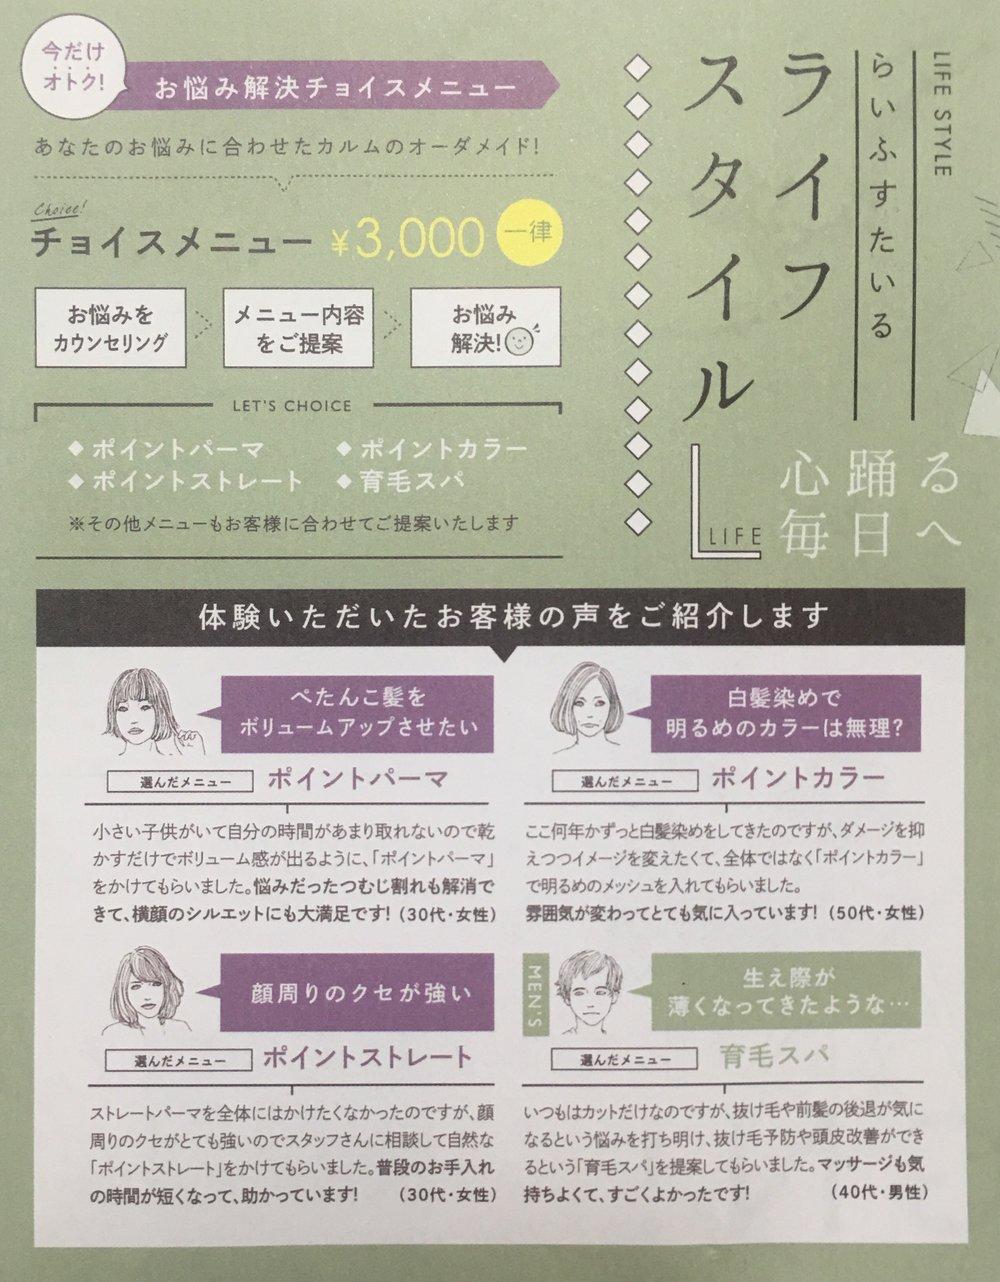 あなたのお悩みに合わせたチョイスメニューが一律¥3,000でできる!